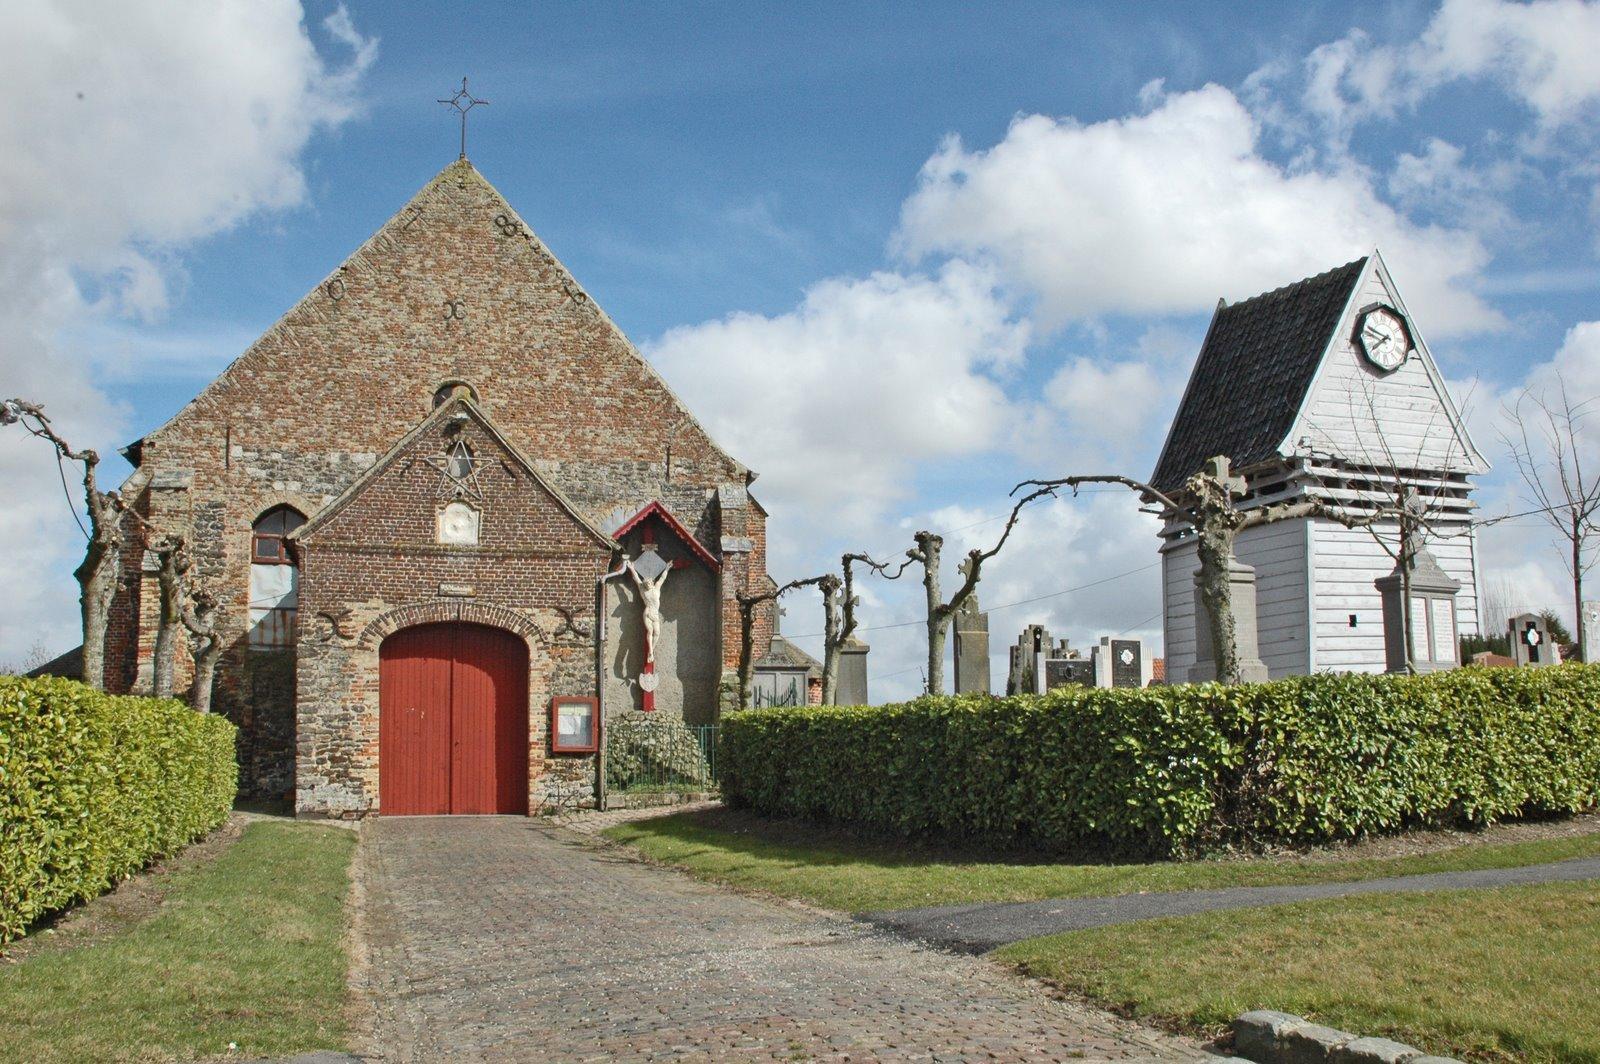 De kerken van Frans Vlaanderen - Pagina 2 100513095522970736020965